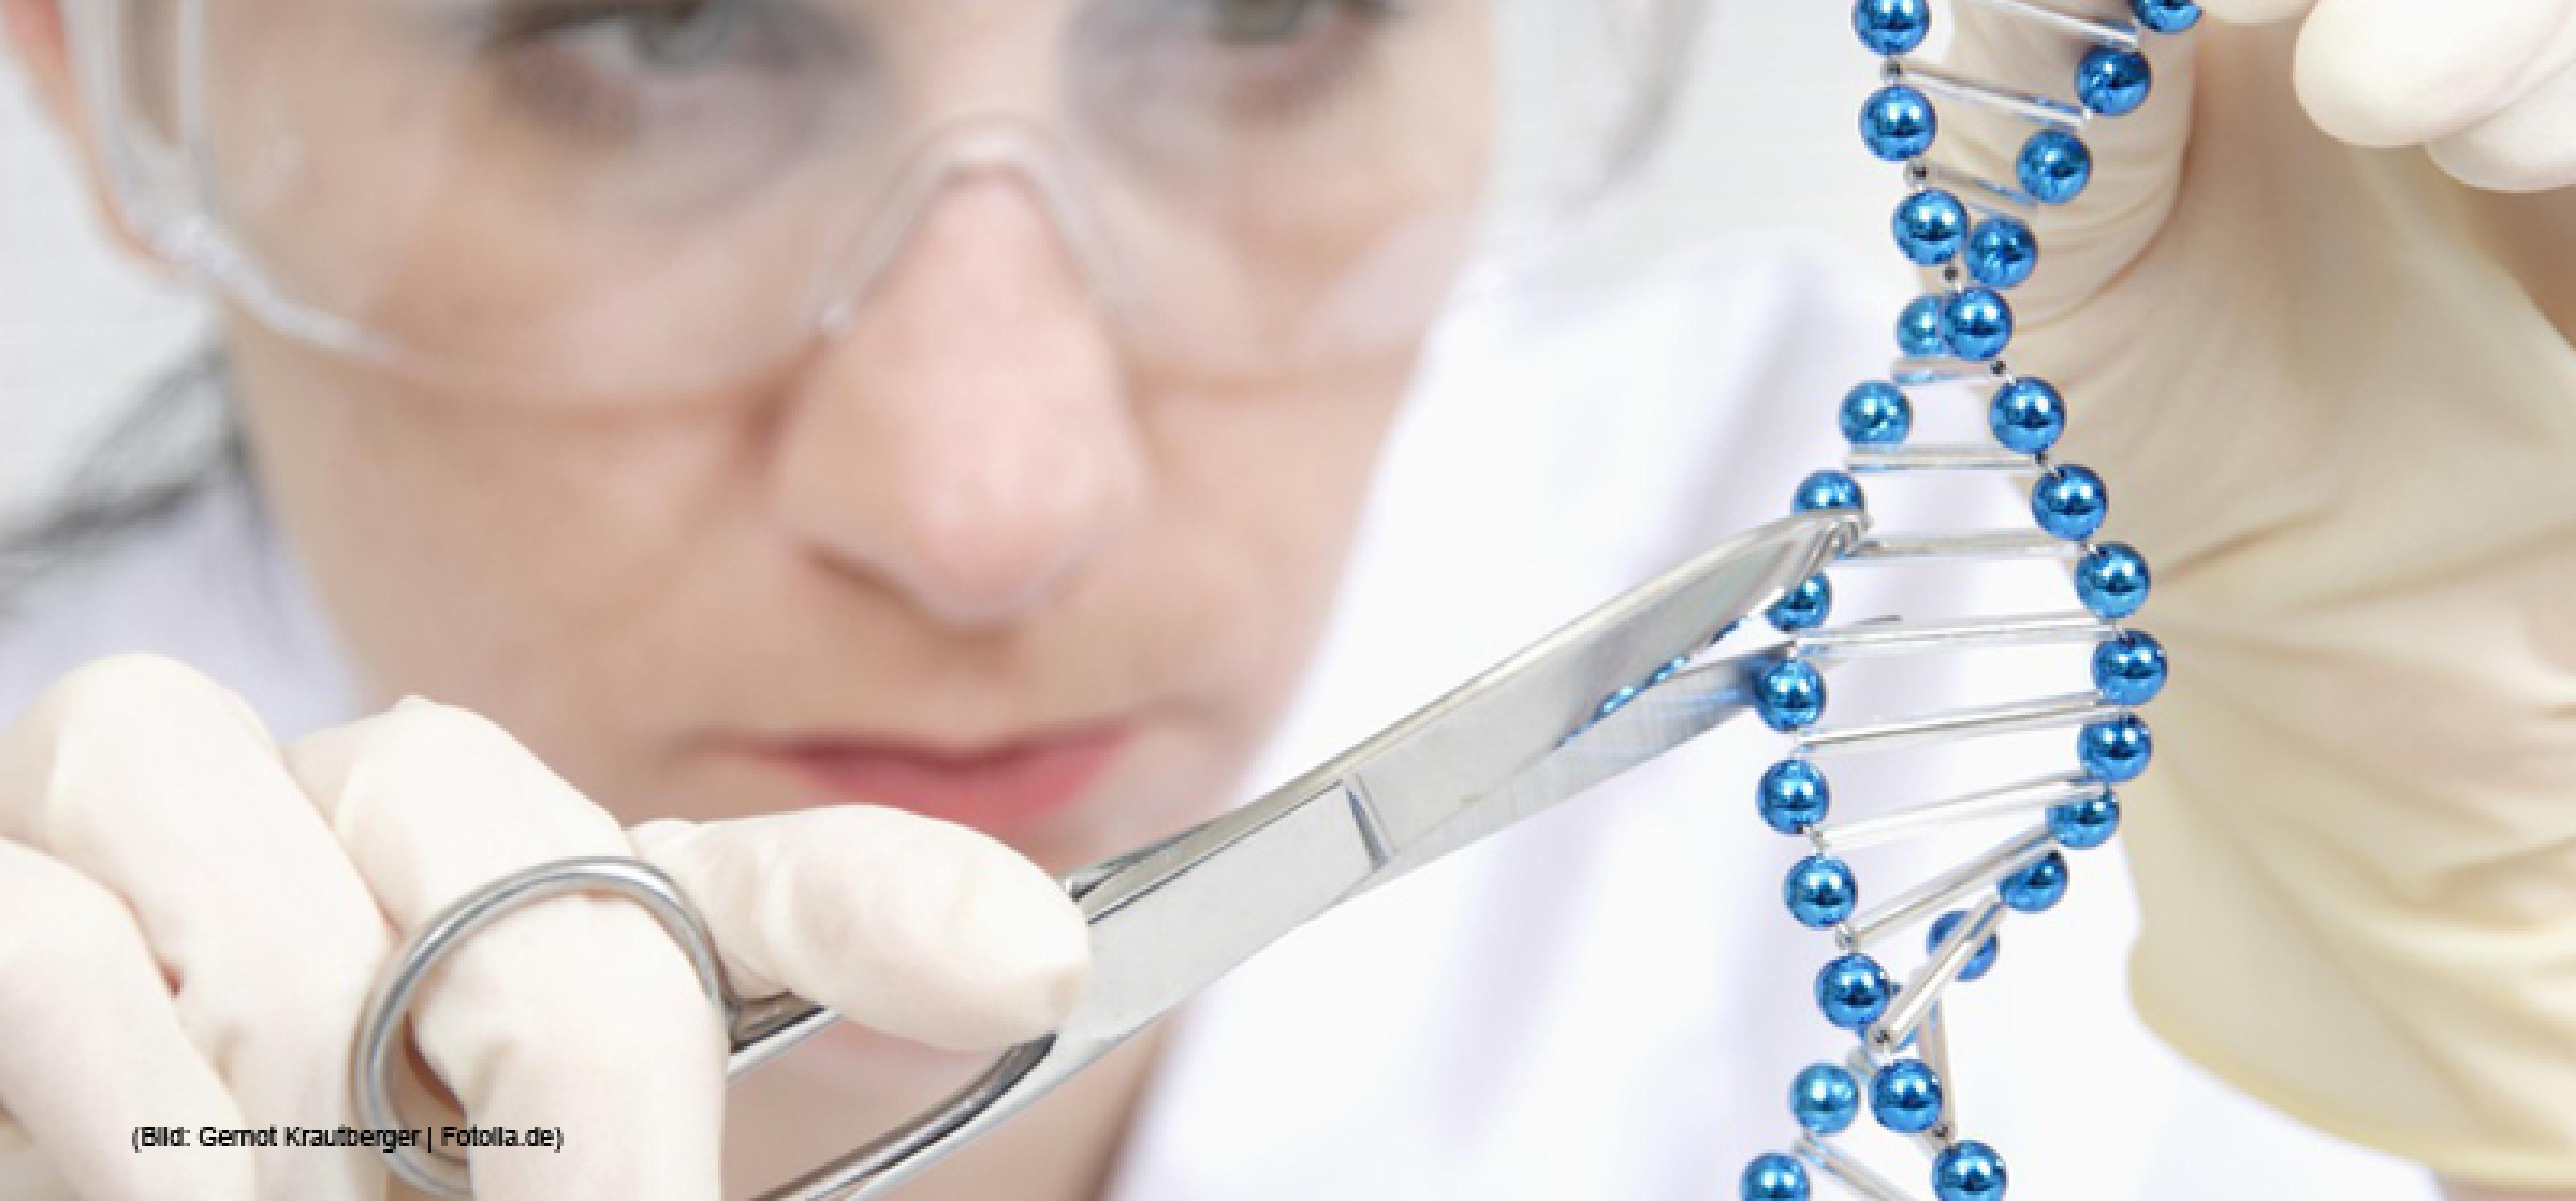 Frau in Laborbekleidung arbeitet mit Schere an einem DNA-Strang (Symbolbild)